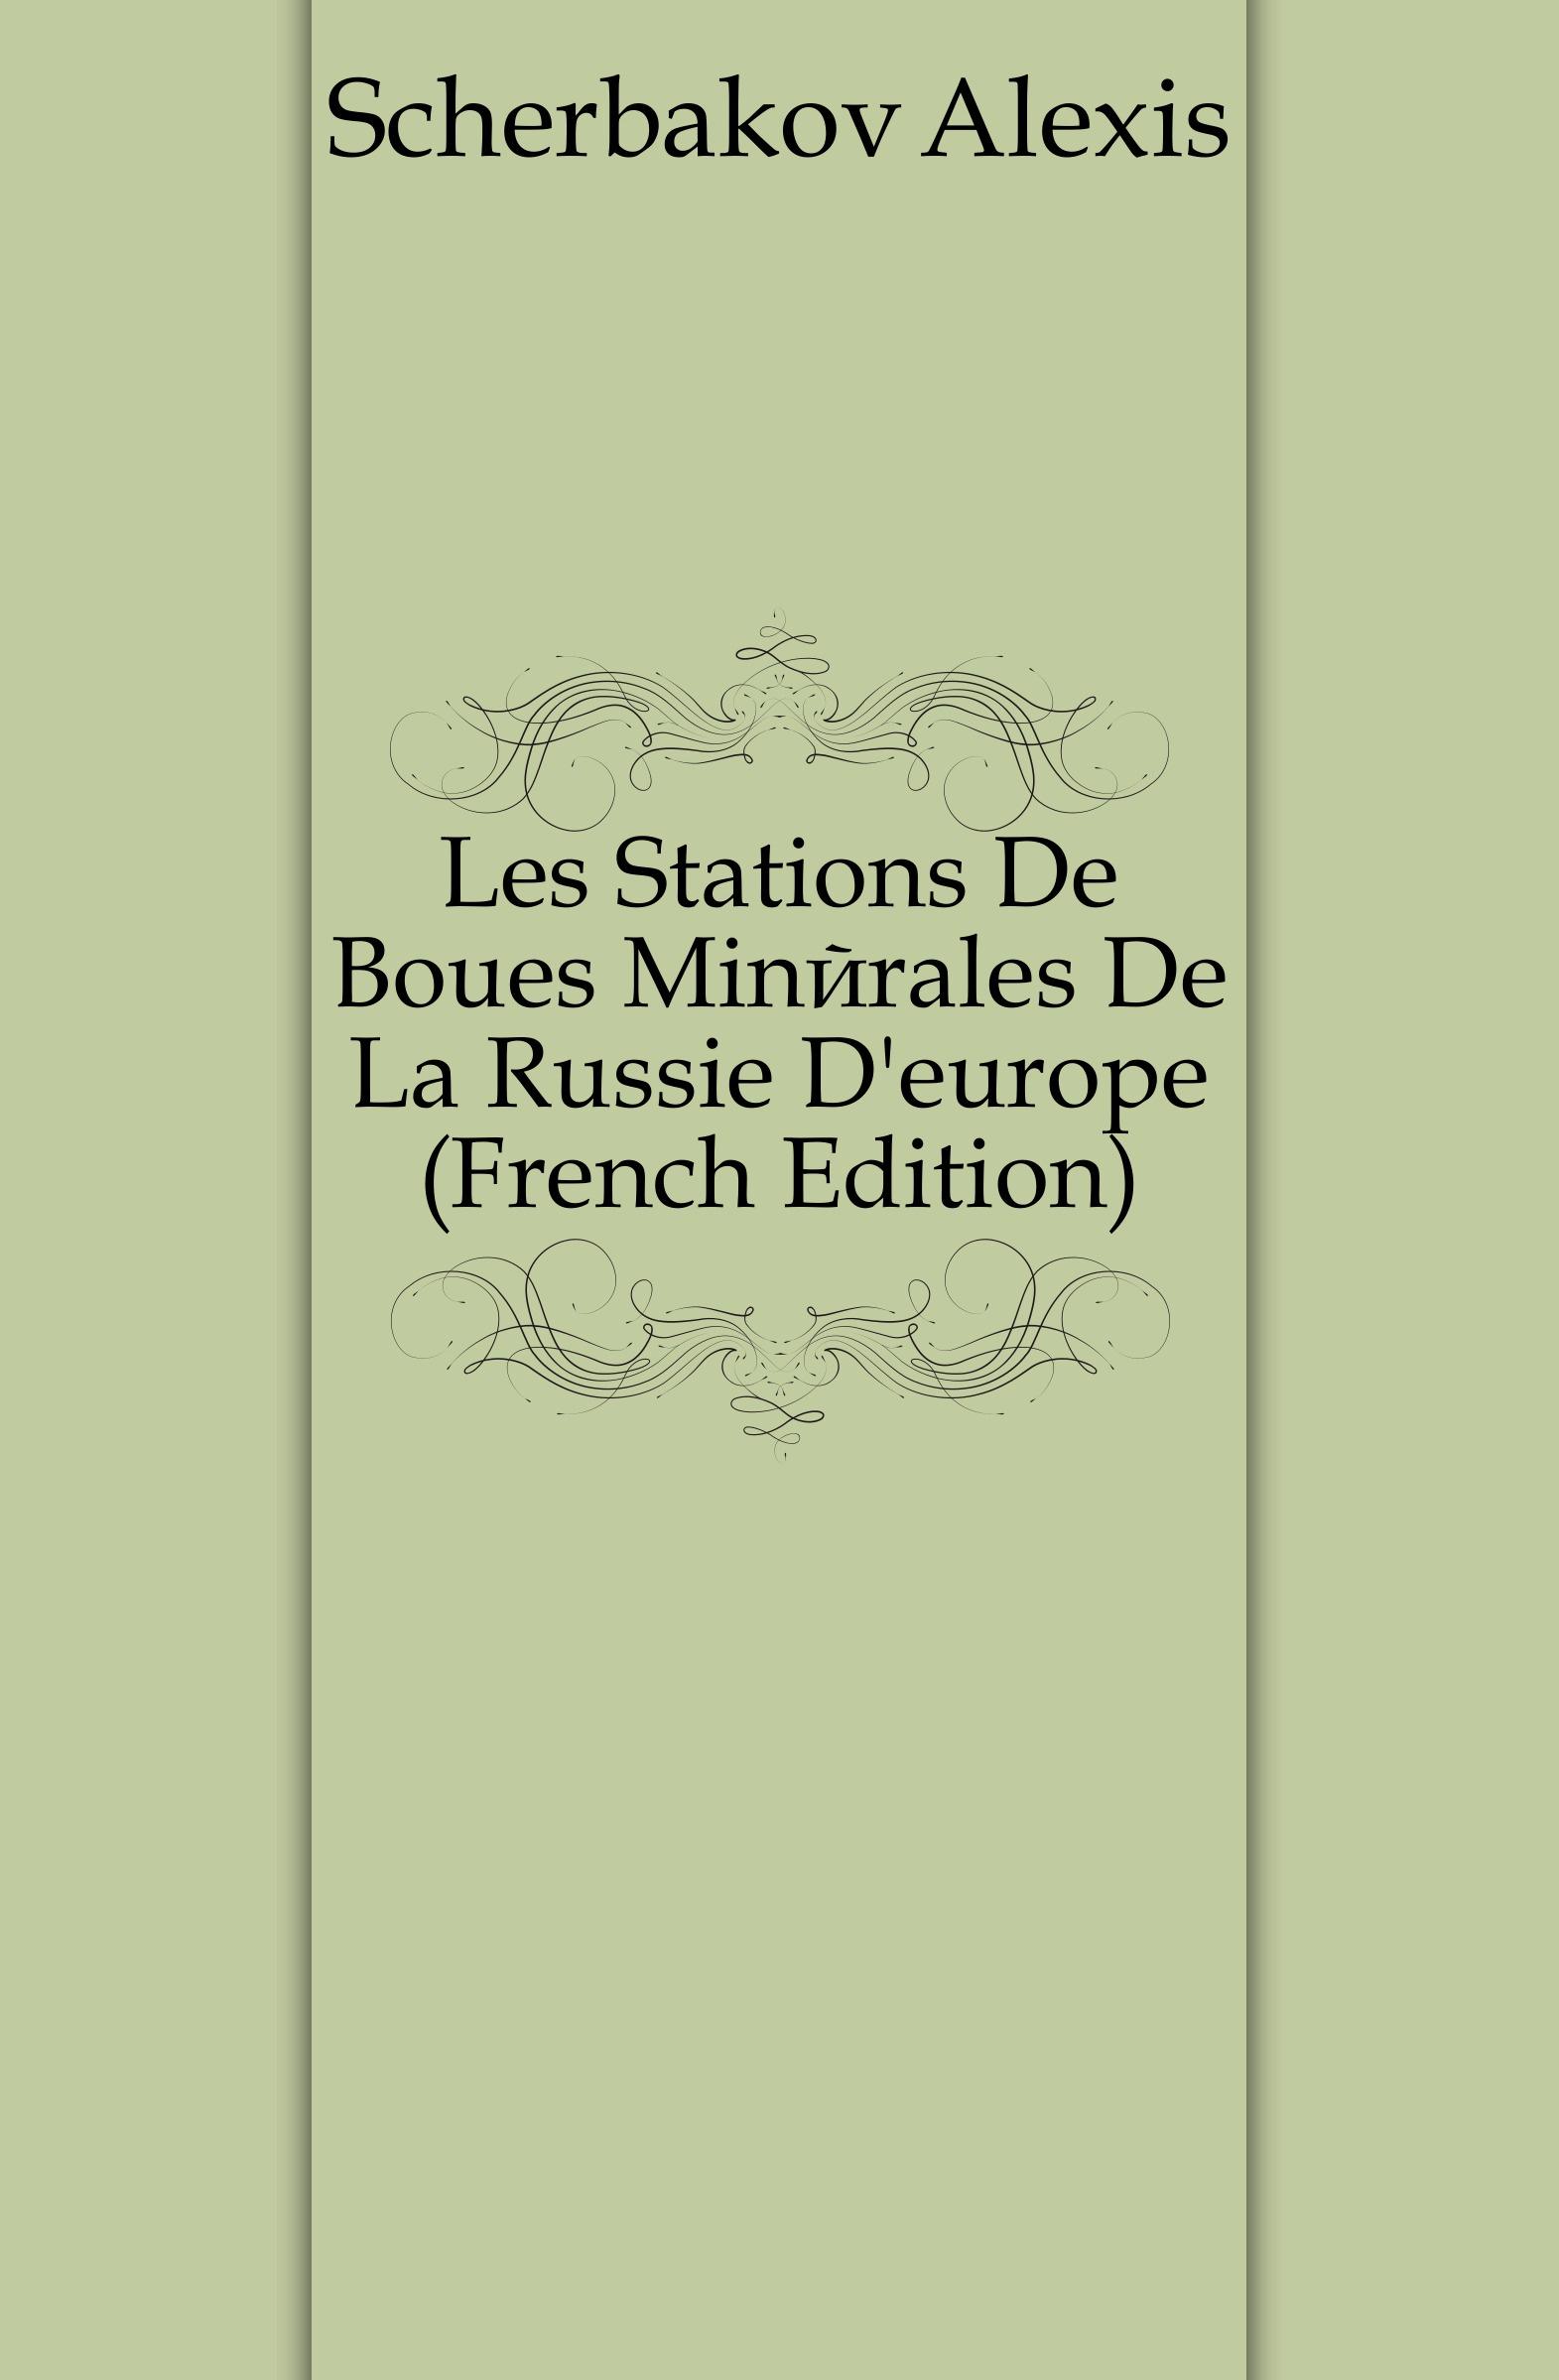 Scherbakov Alexis Les Stations De Boues Minerales De La Russie D.europe (French Edition)